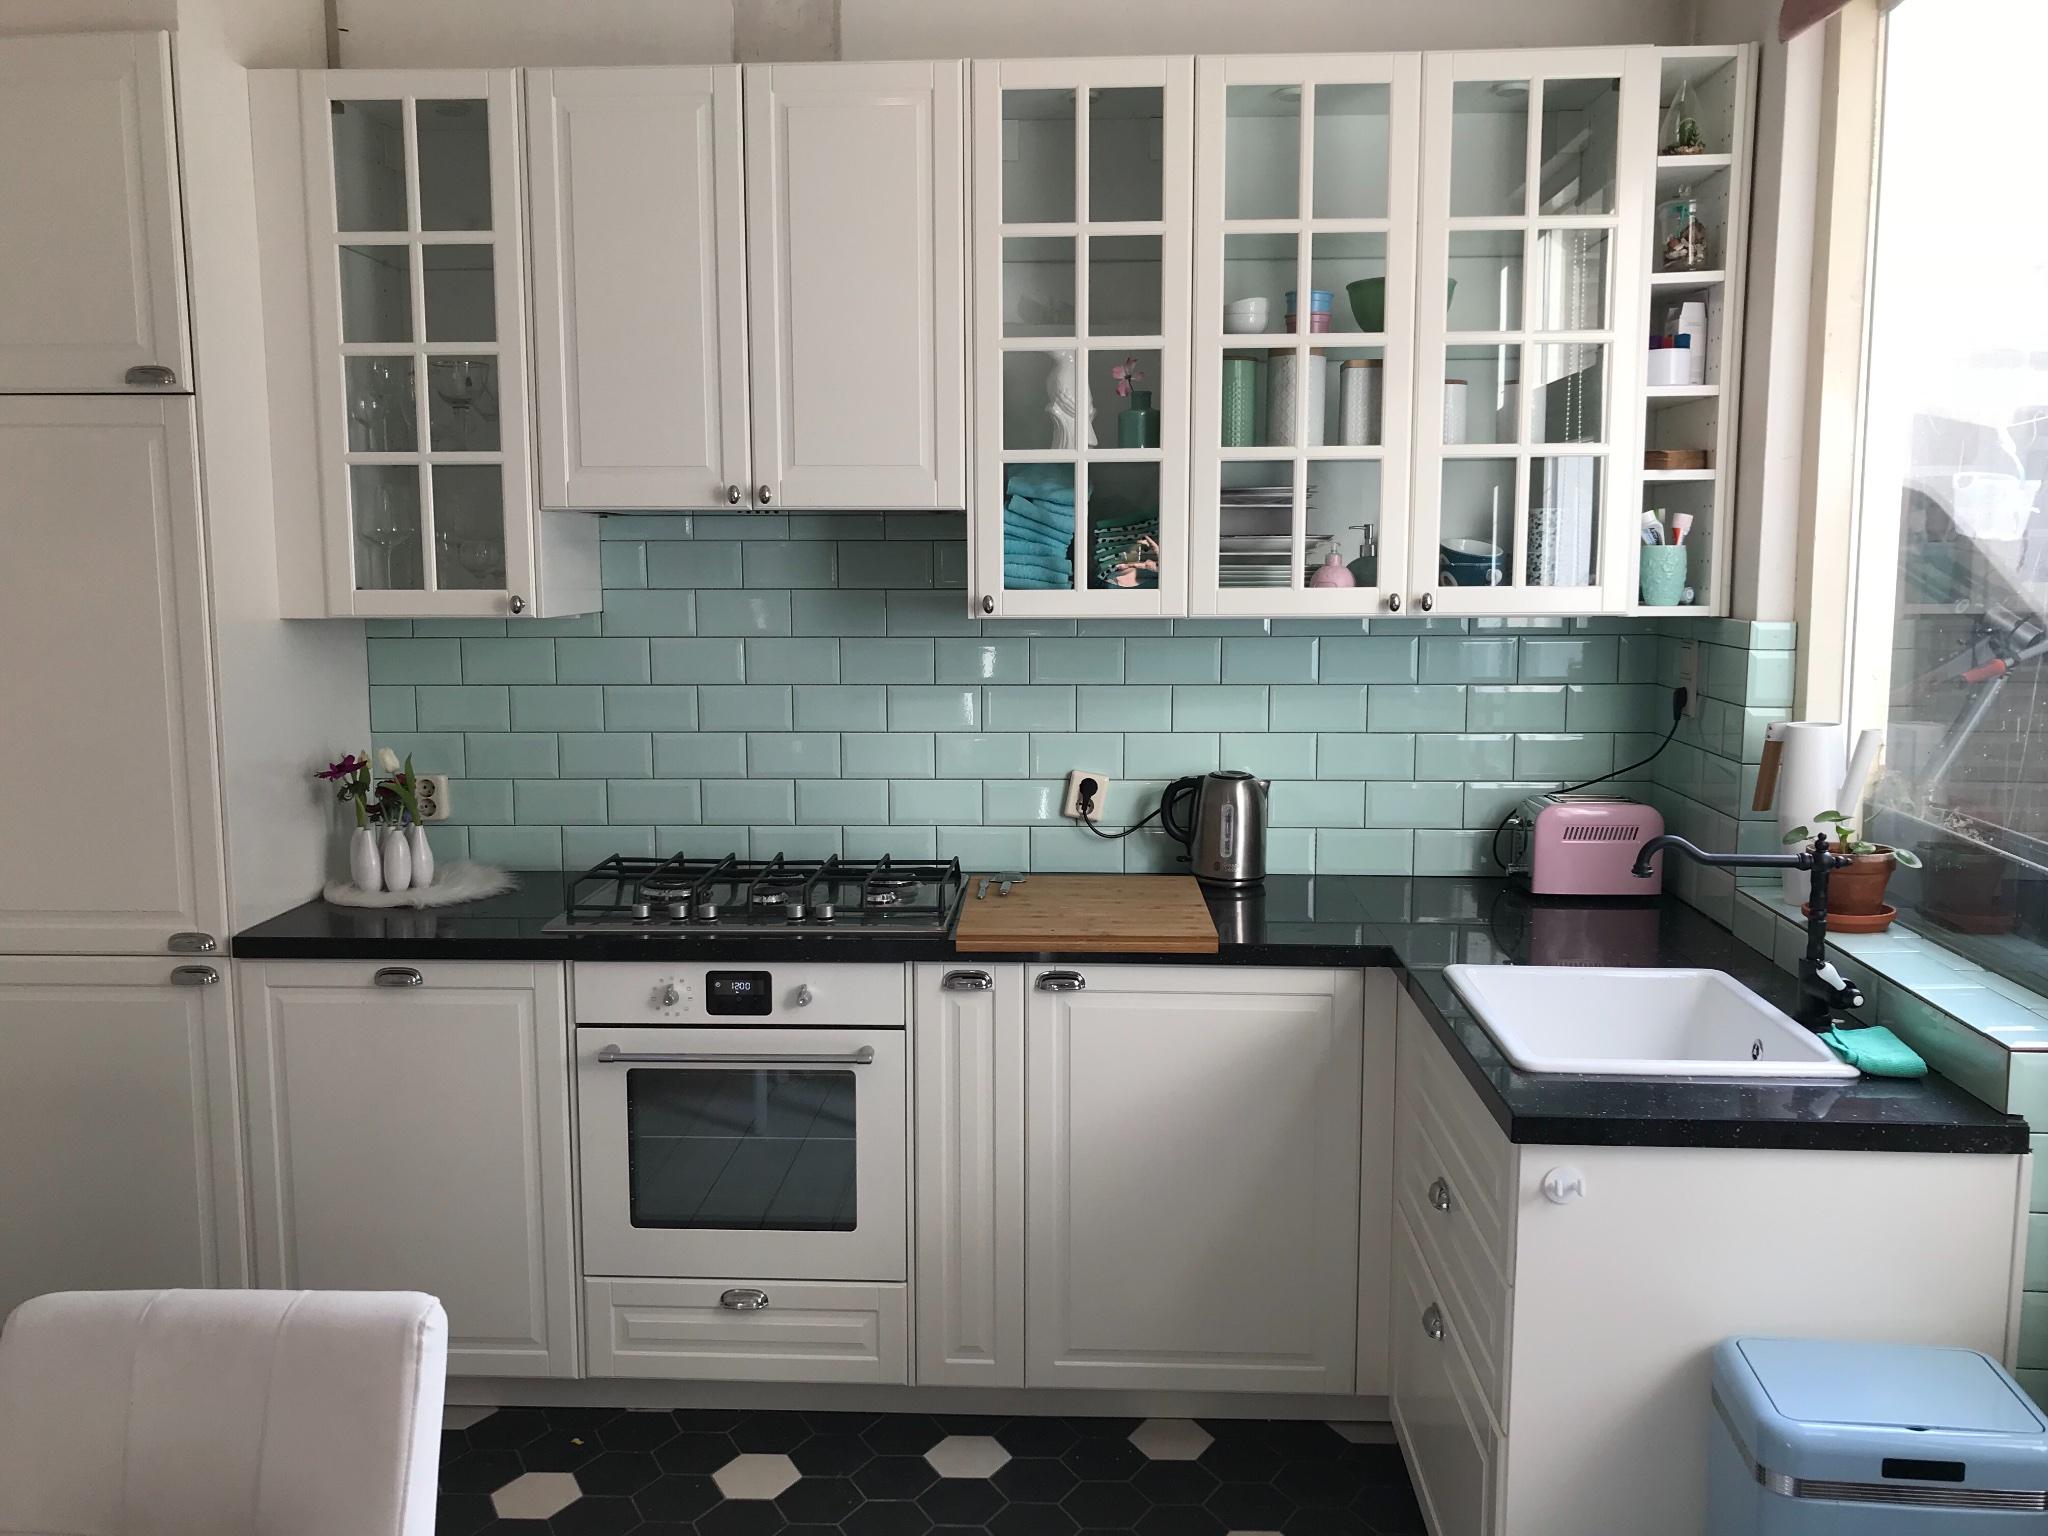 Plaatsen van klassieke keuken in keuken oud huis met moeilijke